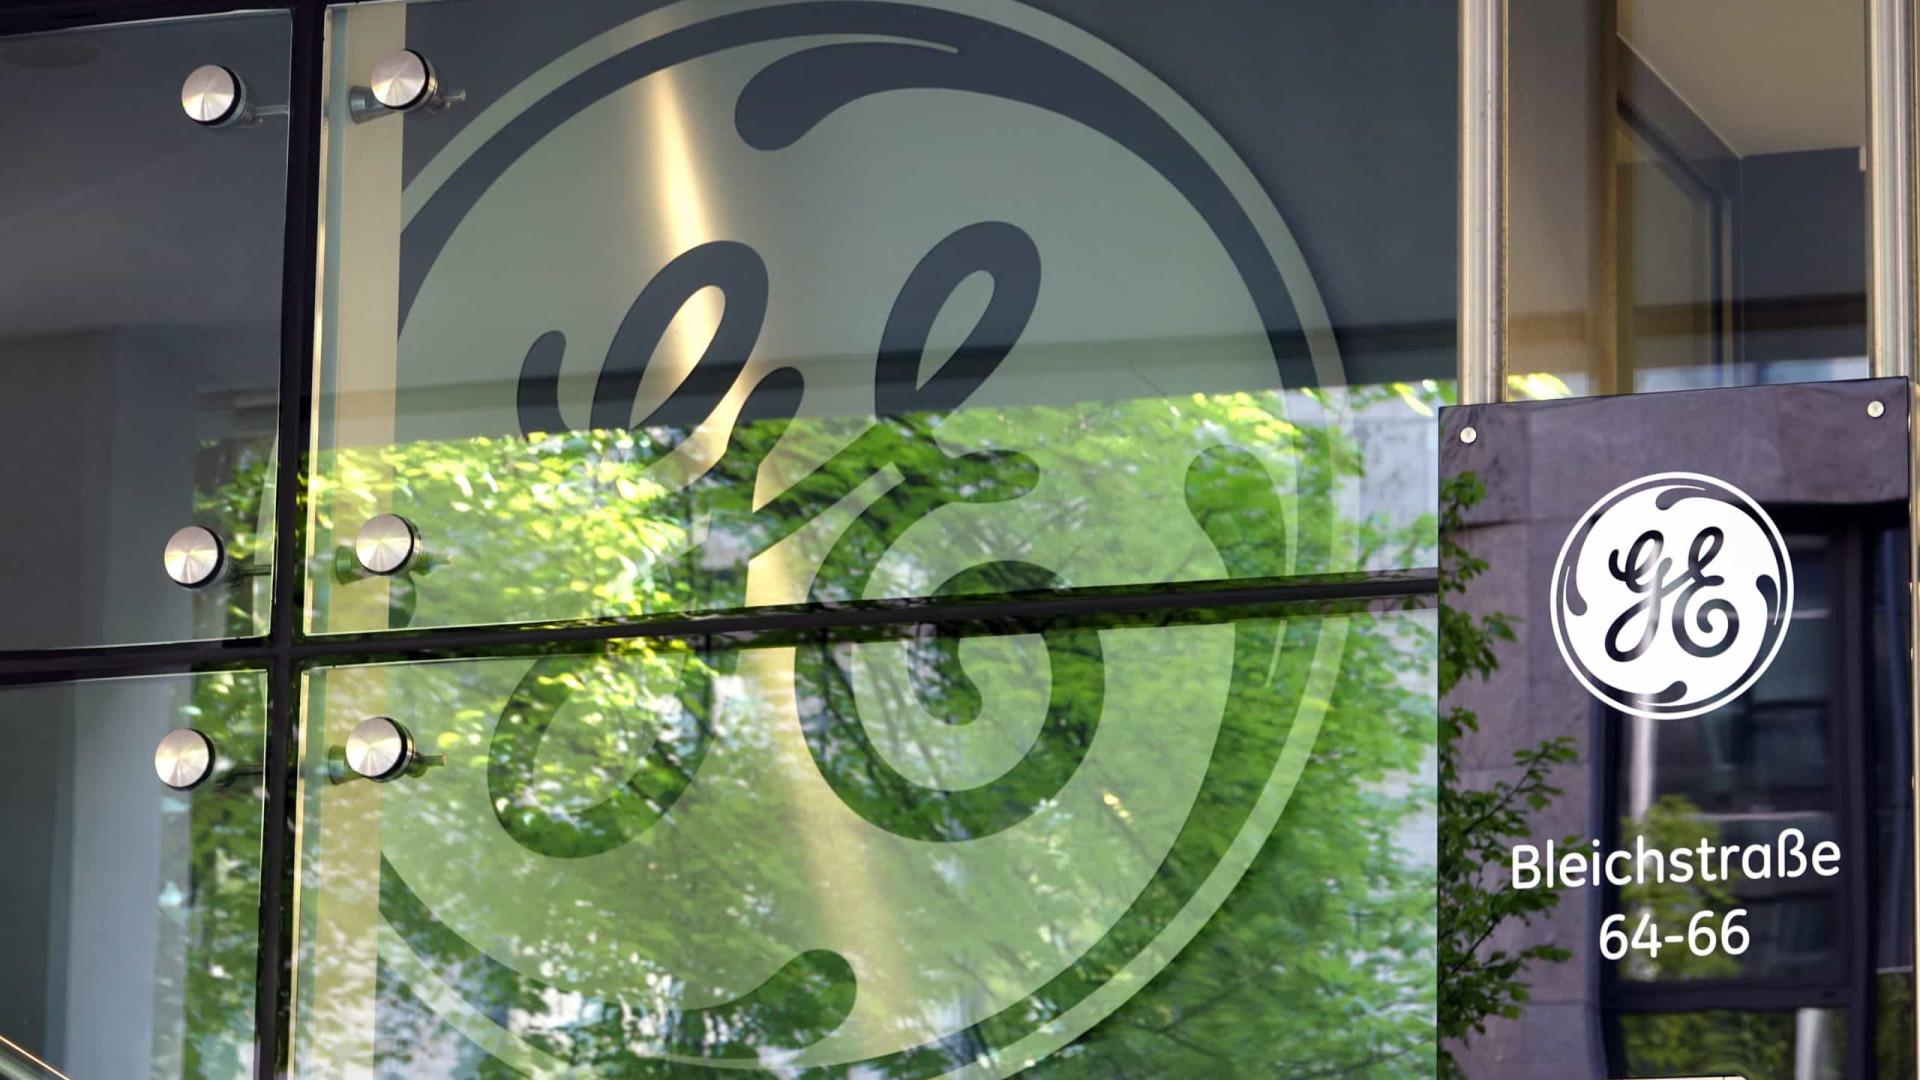 General Electric despede milhares, CEO pode receber bónus de 38 milhões